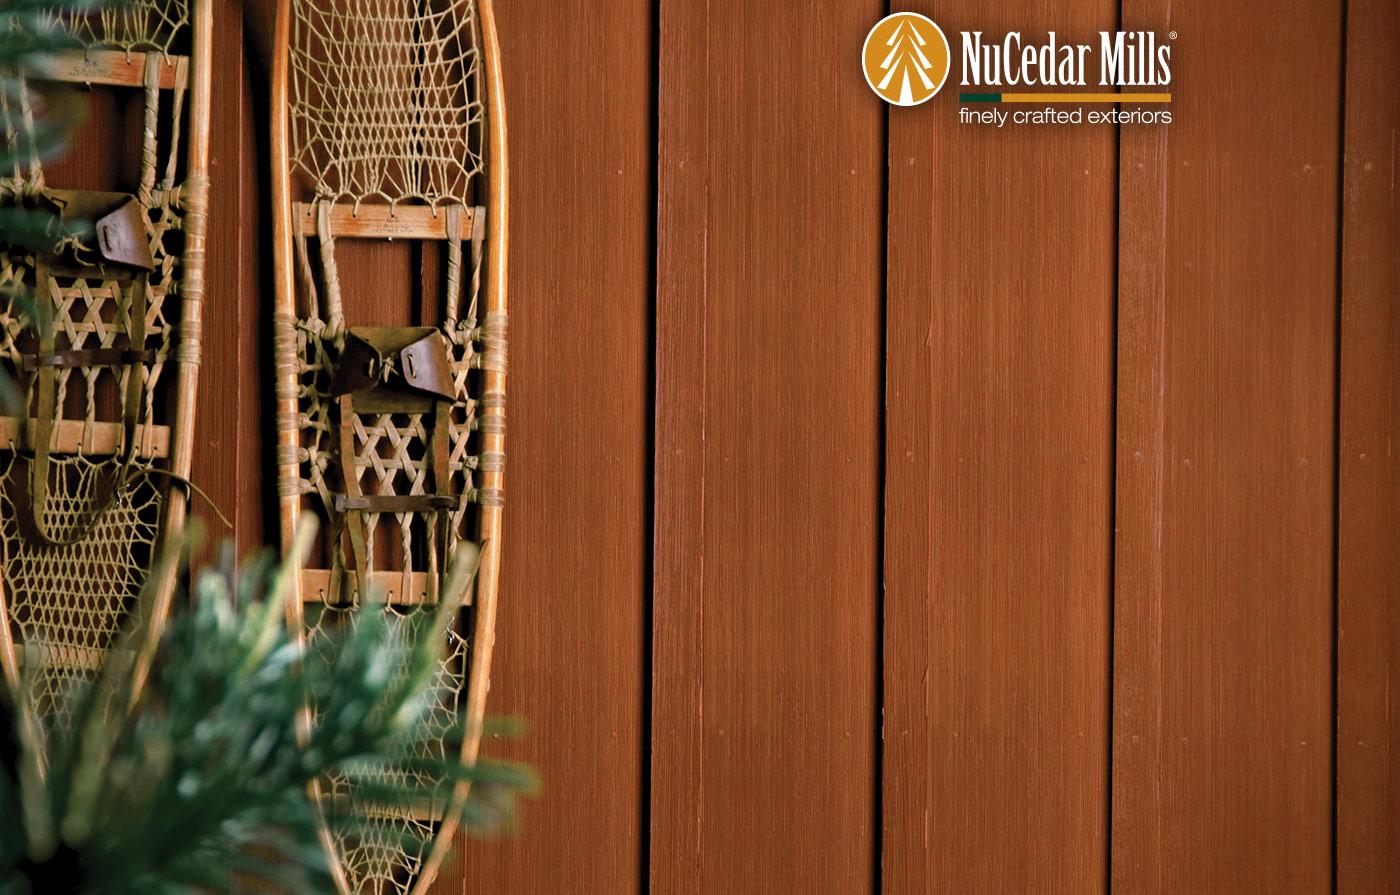 NuCedar Vertical Siding